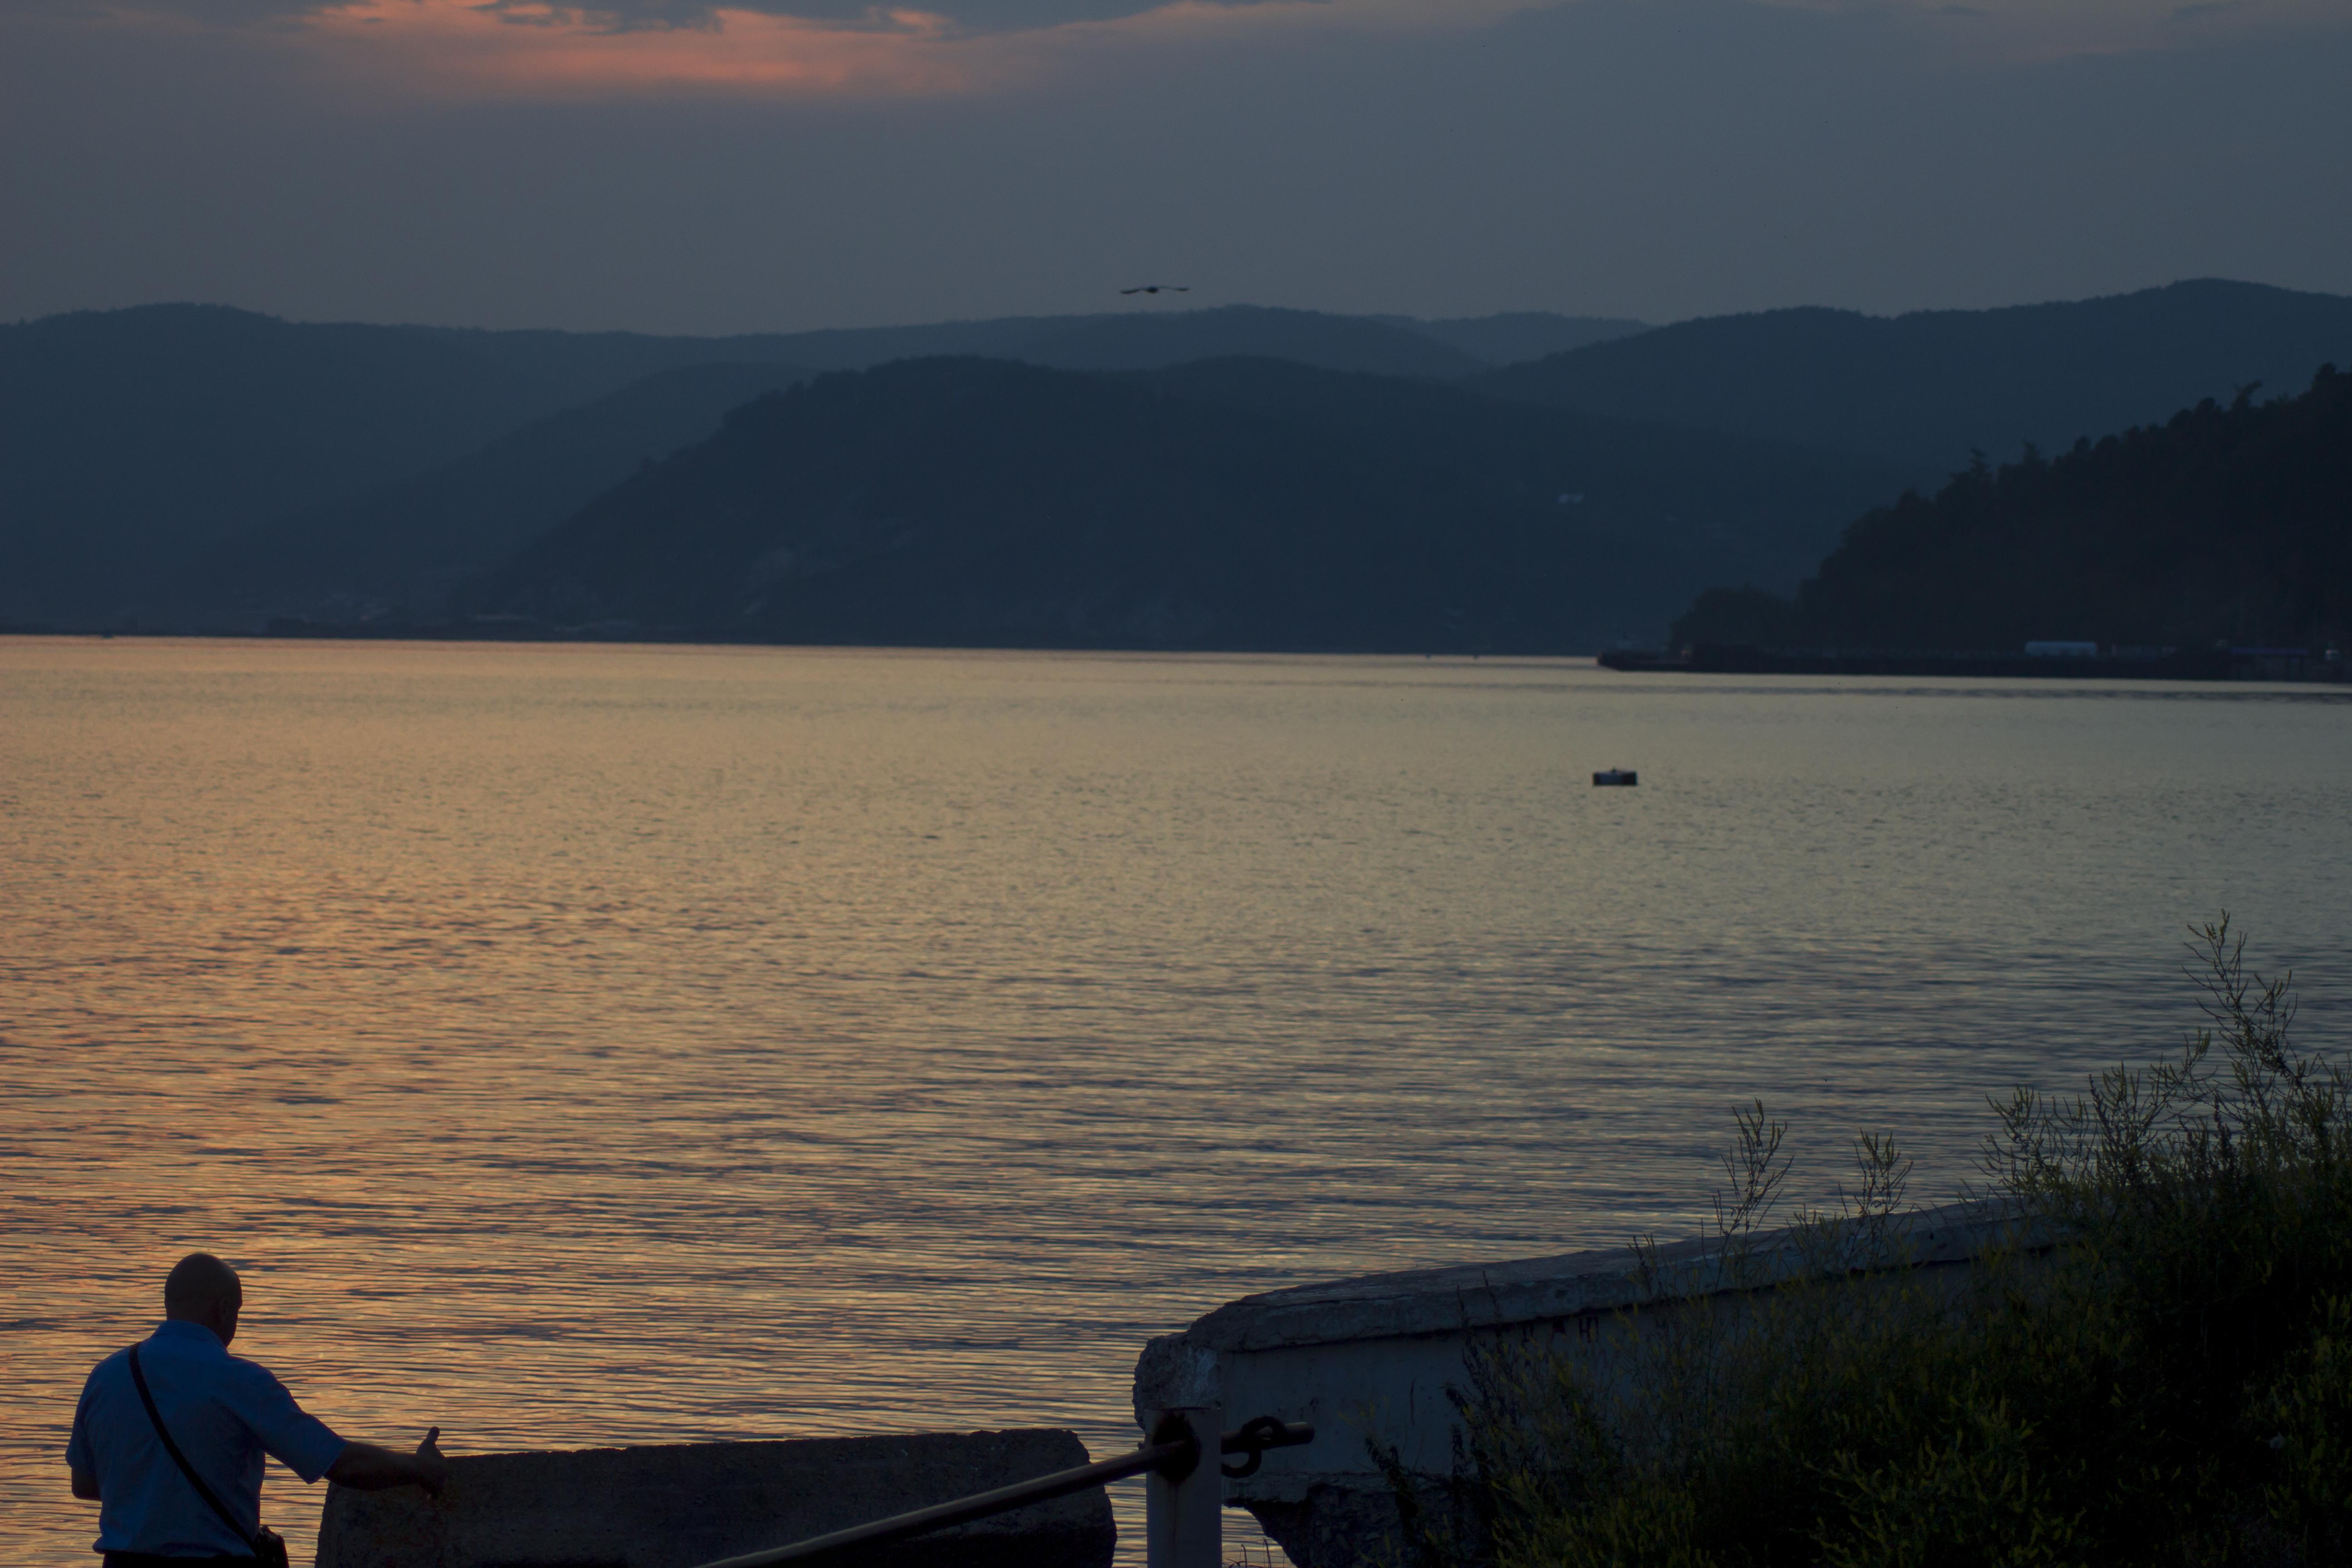 Закат на Байкале. Листвянка